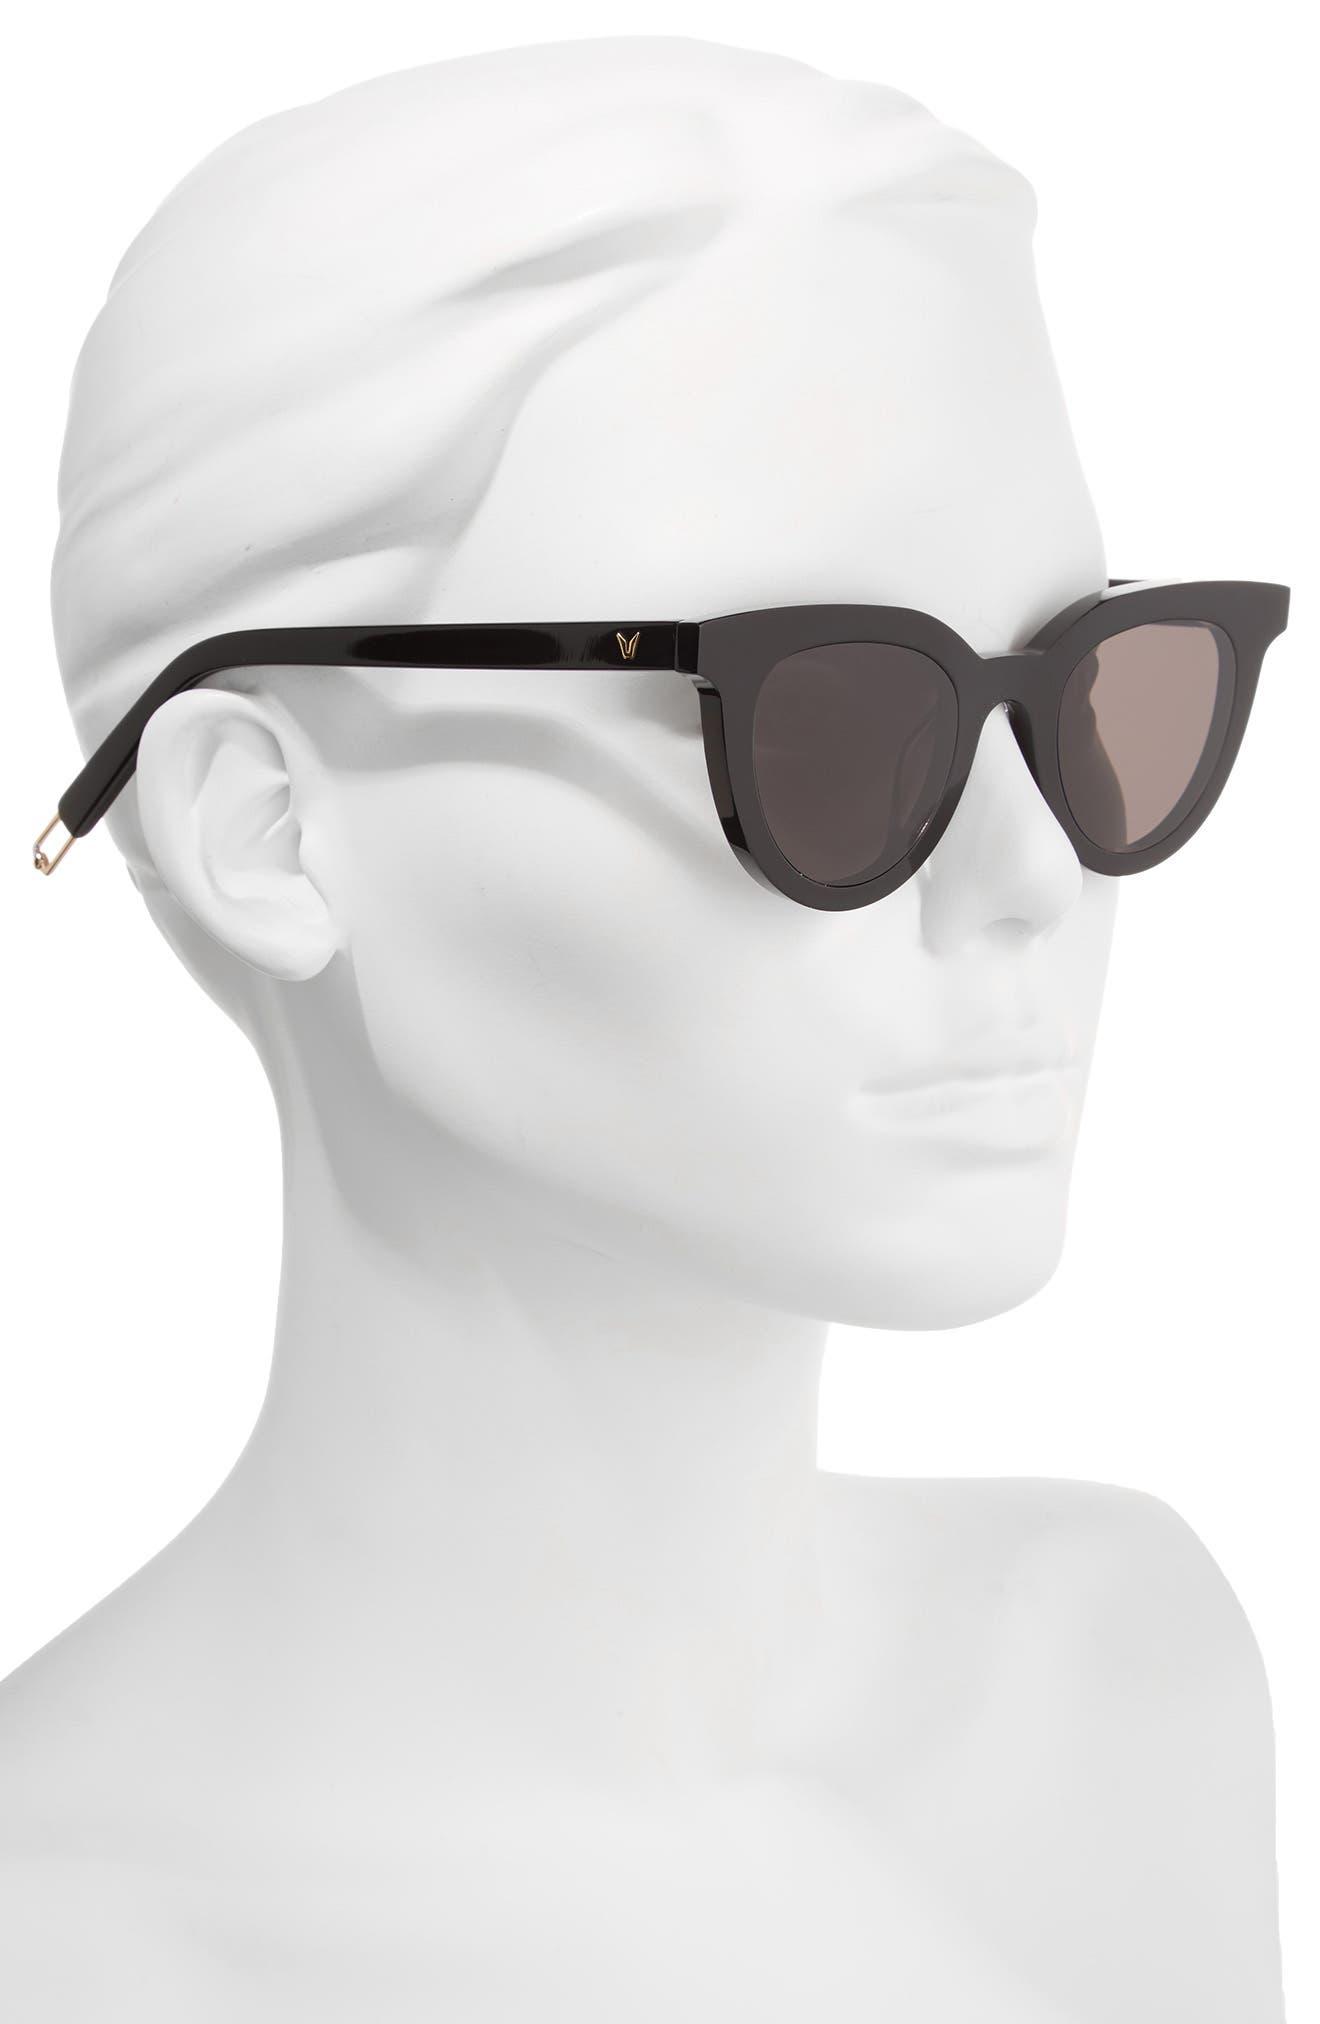 GENTLE MONSTER,                             Eye Eye 45mm Cat Eye Sunglasses,                             Alternate thumbnail 2, color,                             001